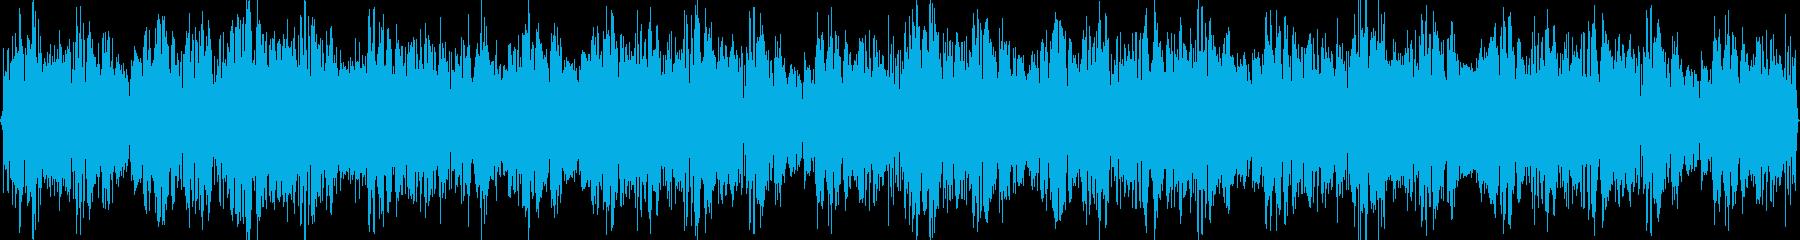 クラブ向けのループトランスBGMの再生済みの波形